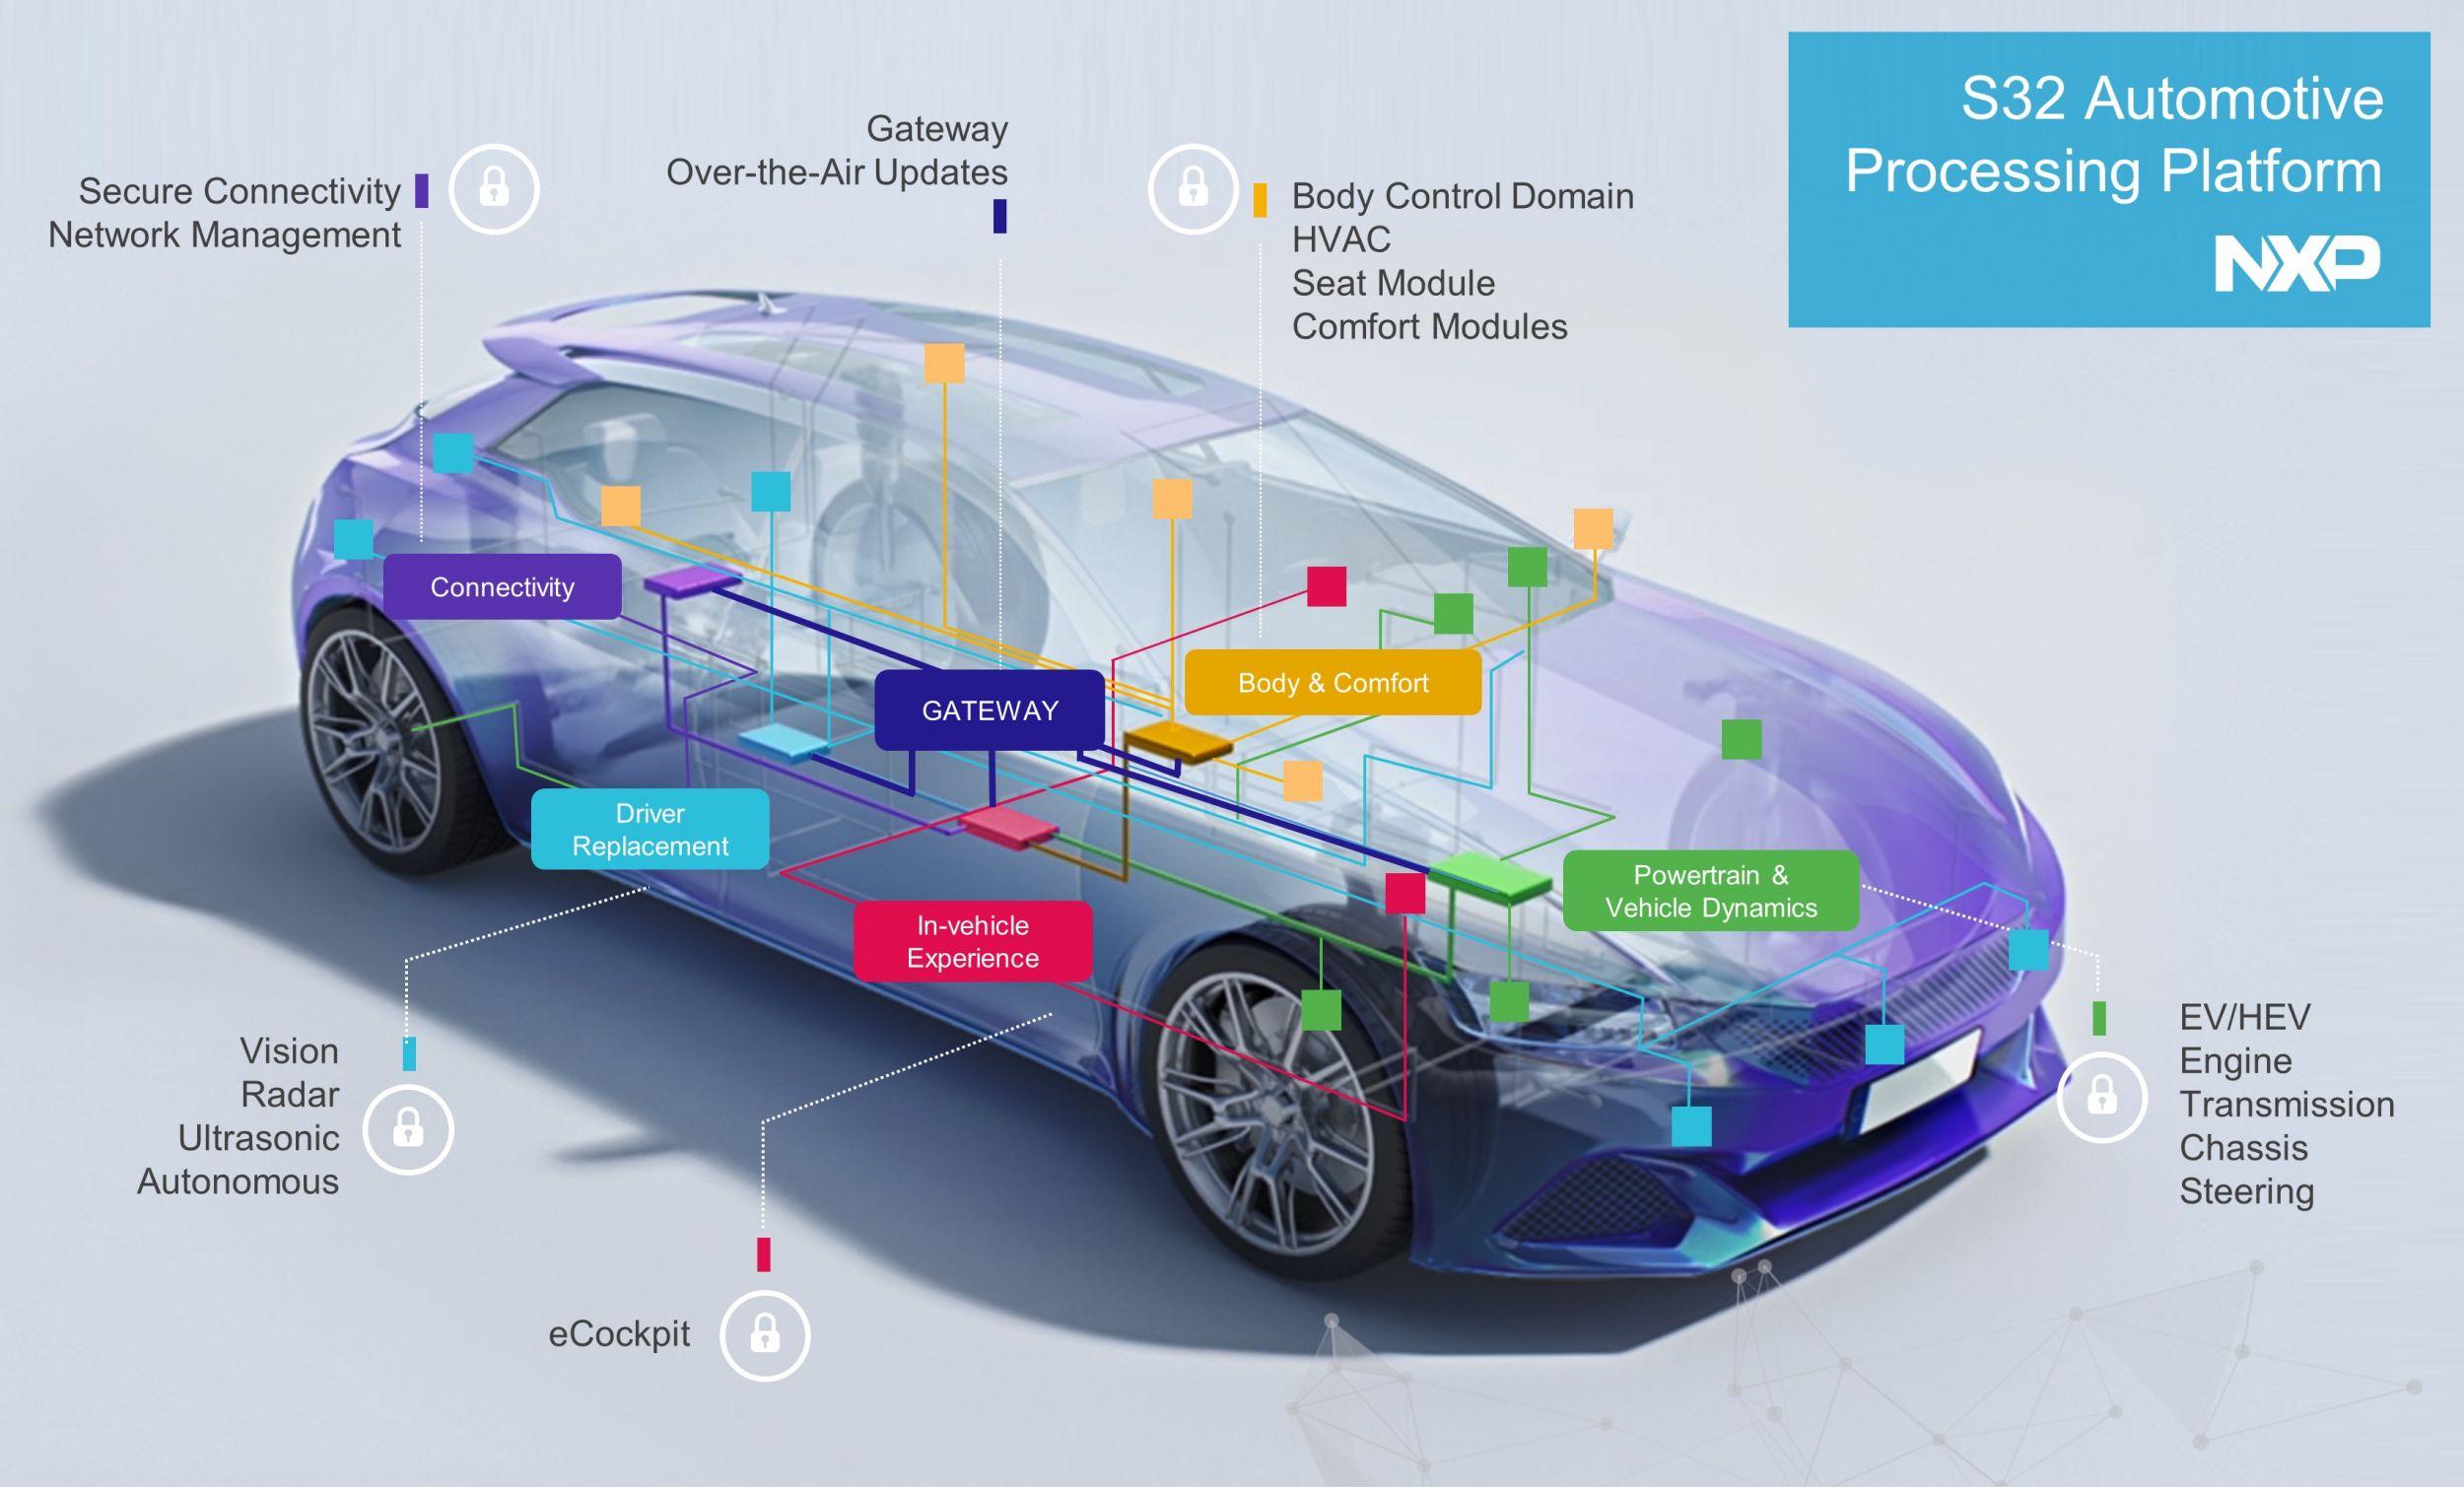 Neue Prozessor-Plattform für Automobile